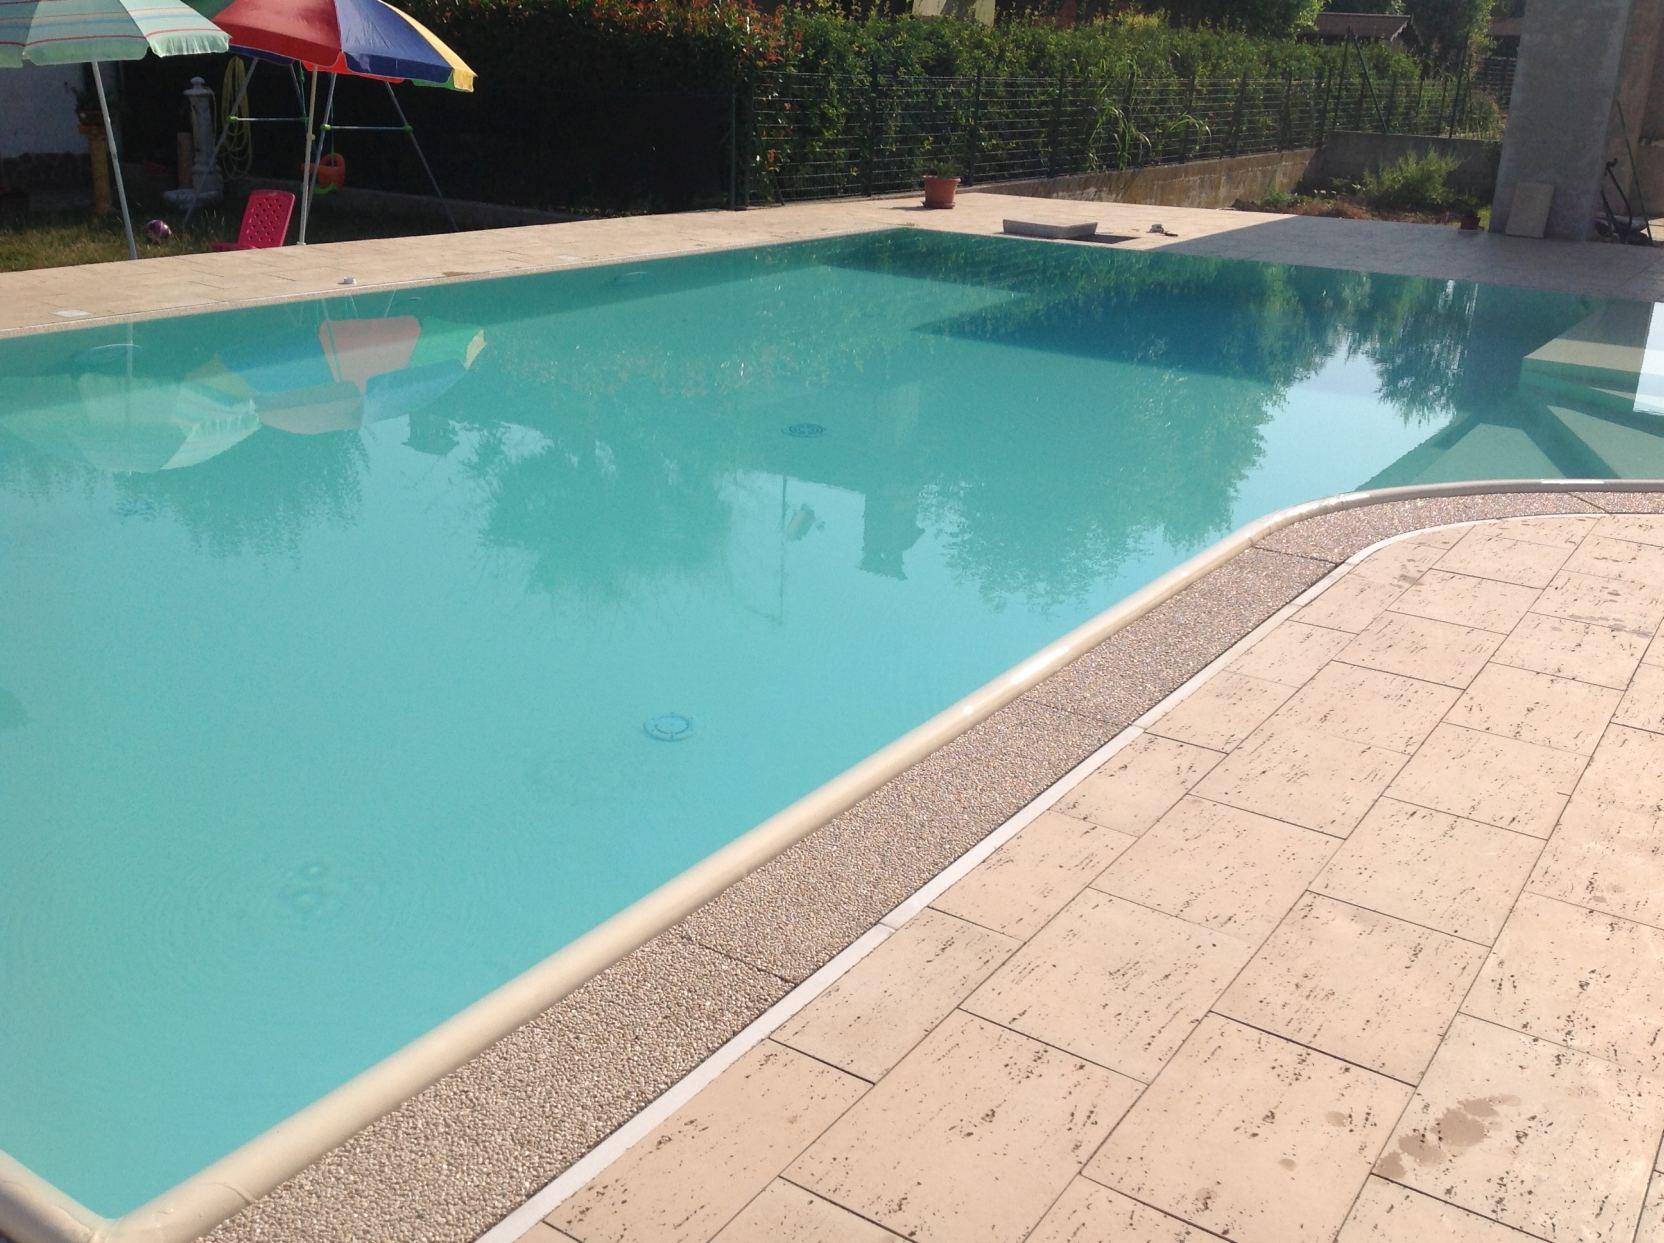 Bagnolo San Vito (13) - Casareggio Piscine: piscine, piscine mantova, costruttori di piscine